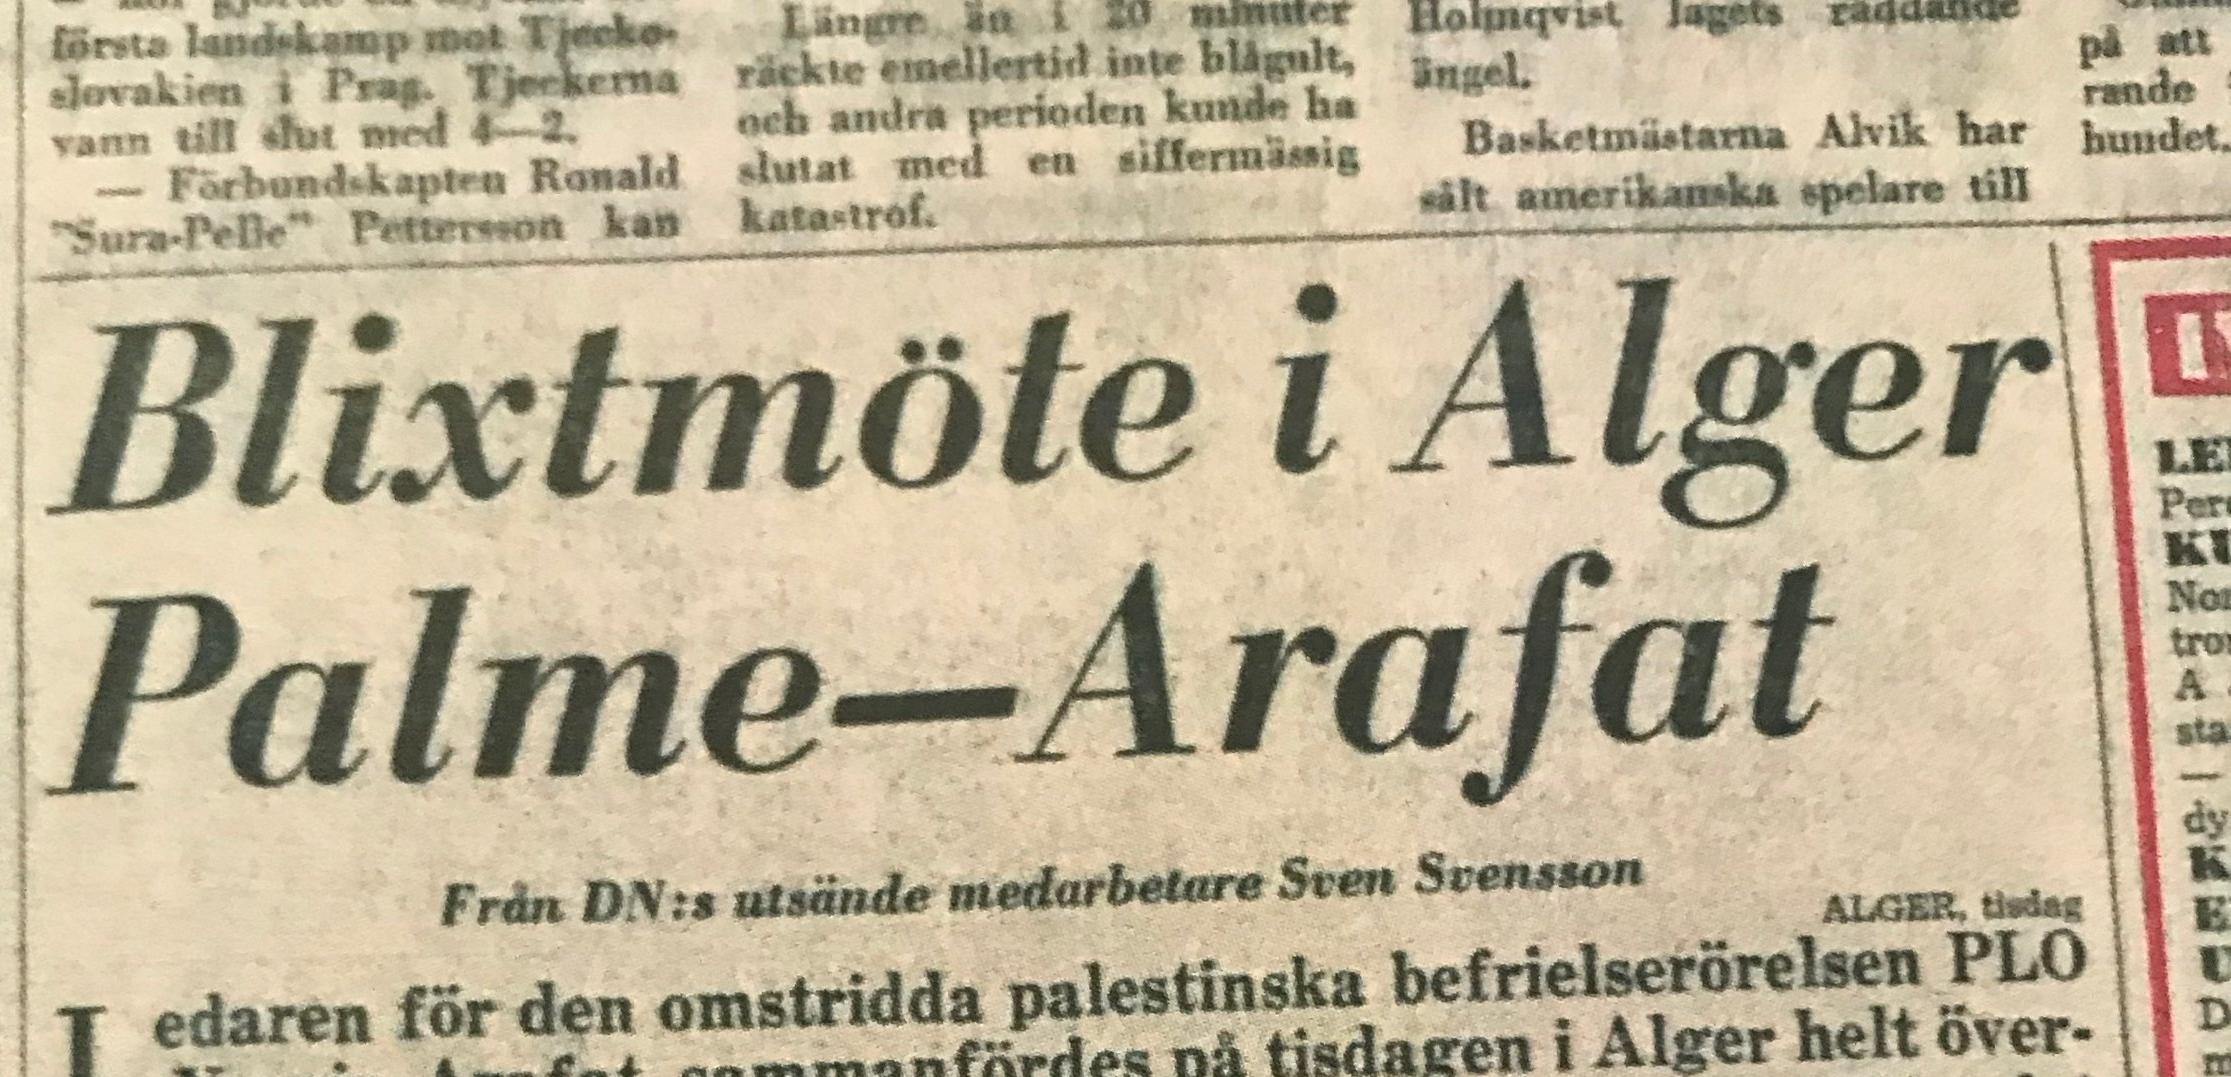 DN Blixtmöte Palme Arafat.JPG